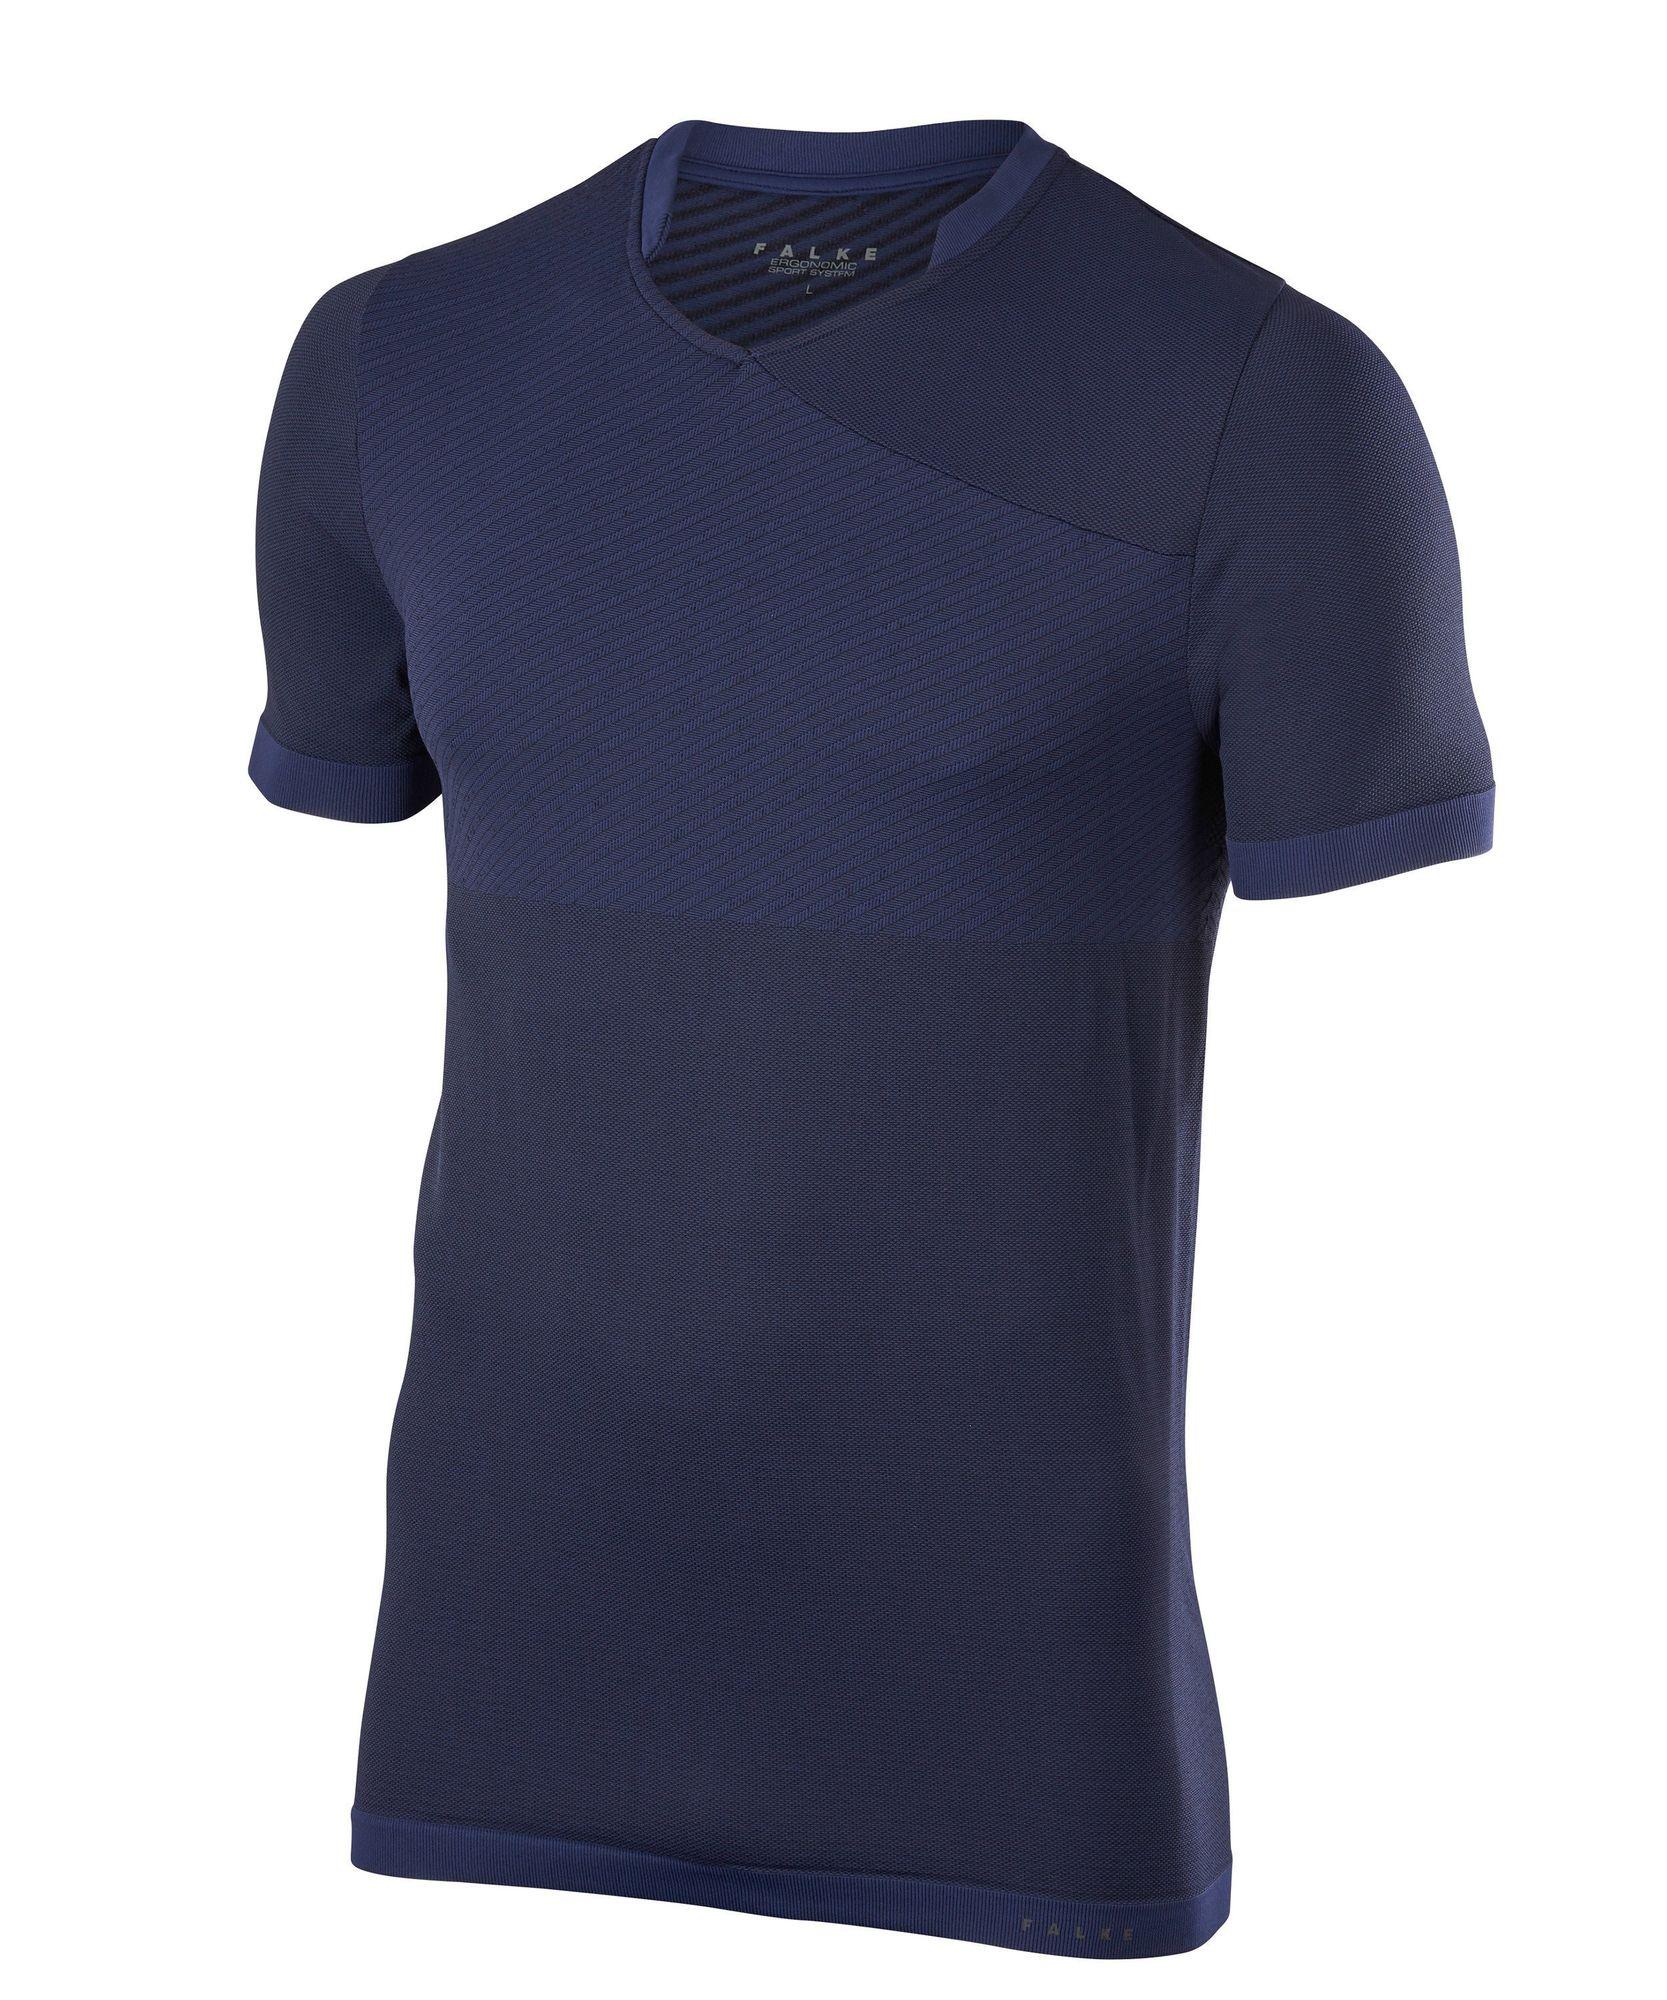 Falke T-Shirt in Blau